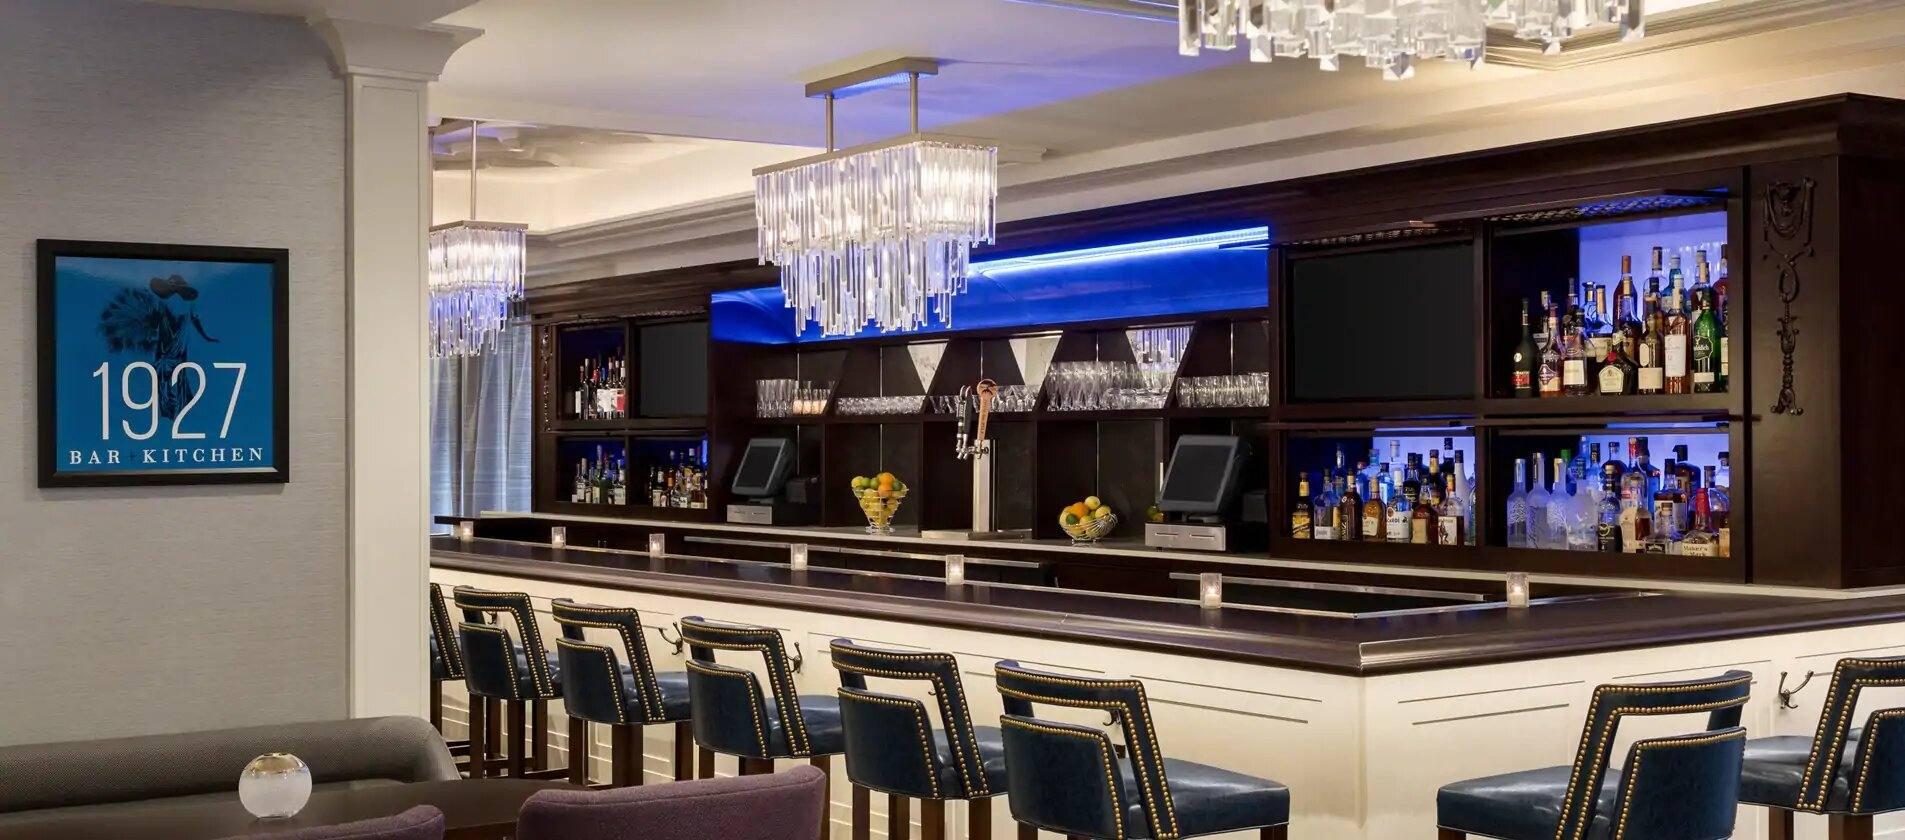 1927 Bar+Kitchen at Hilton Checkers Los Angeles